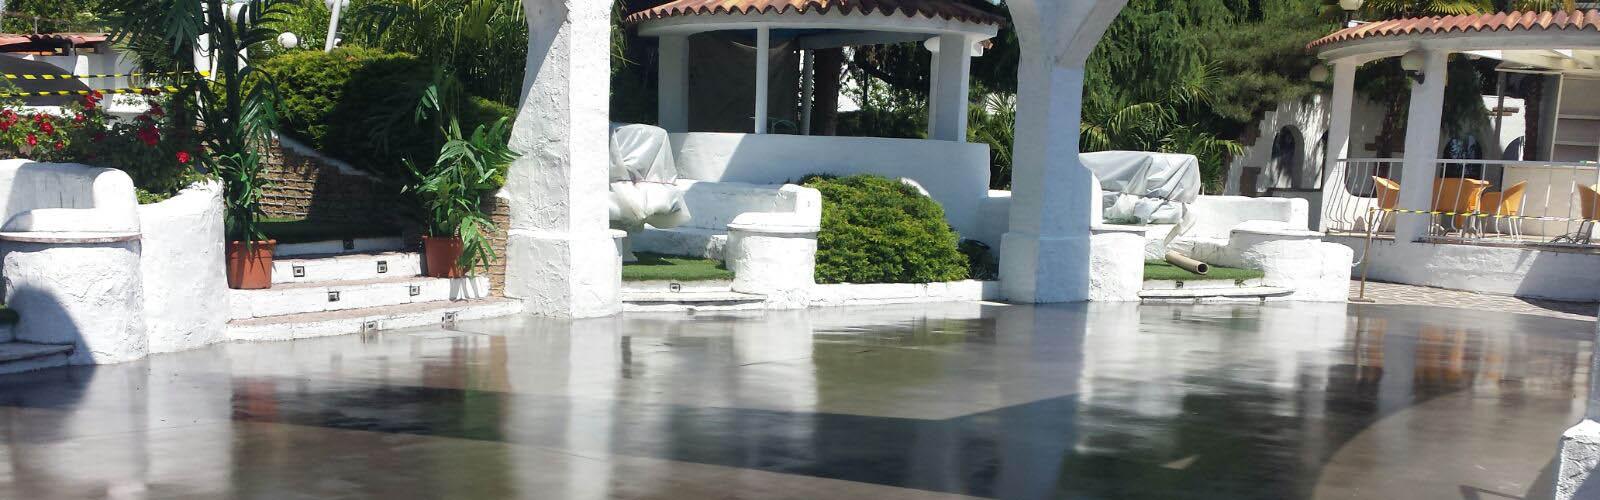 Pavimenti In Cemento Per Interni Carnate - Richiedi il tuo preventivo